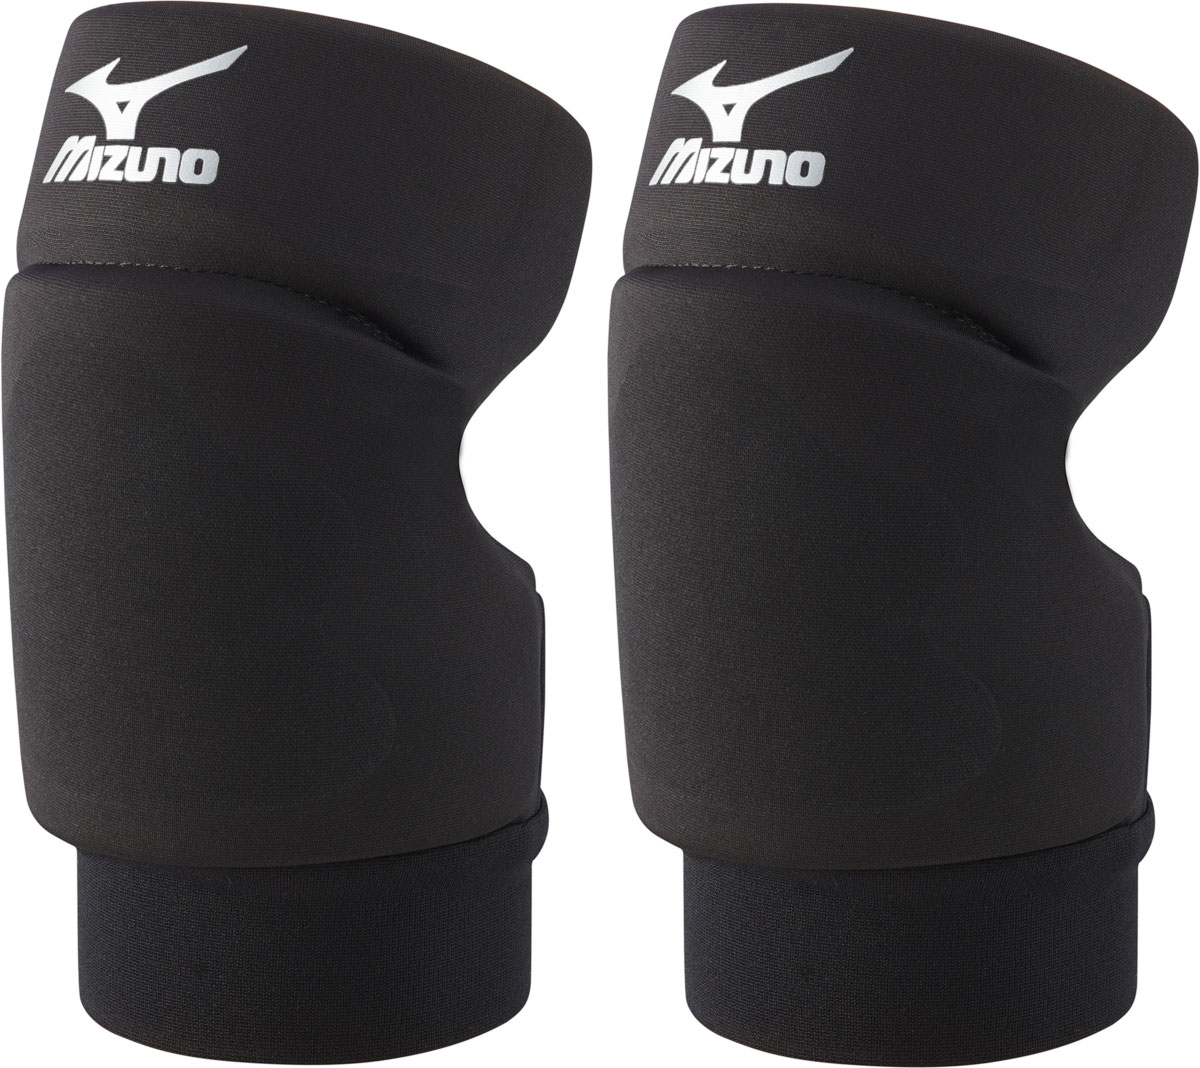 Наколенники волейбольные Mizuno Open Back Kneepad, цвет: черный, 2 шт. Z59SS890. Размер LZ59SS890Наколенники для волейбола Mizuno Open Back Kneepad с открытой задней частью, обеспечивающие великолепную свободу движений во время игры на площадке.